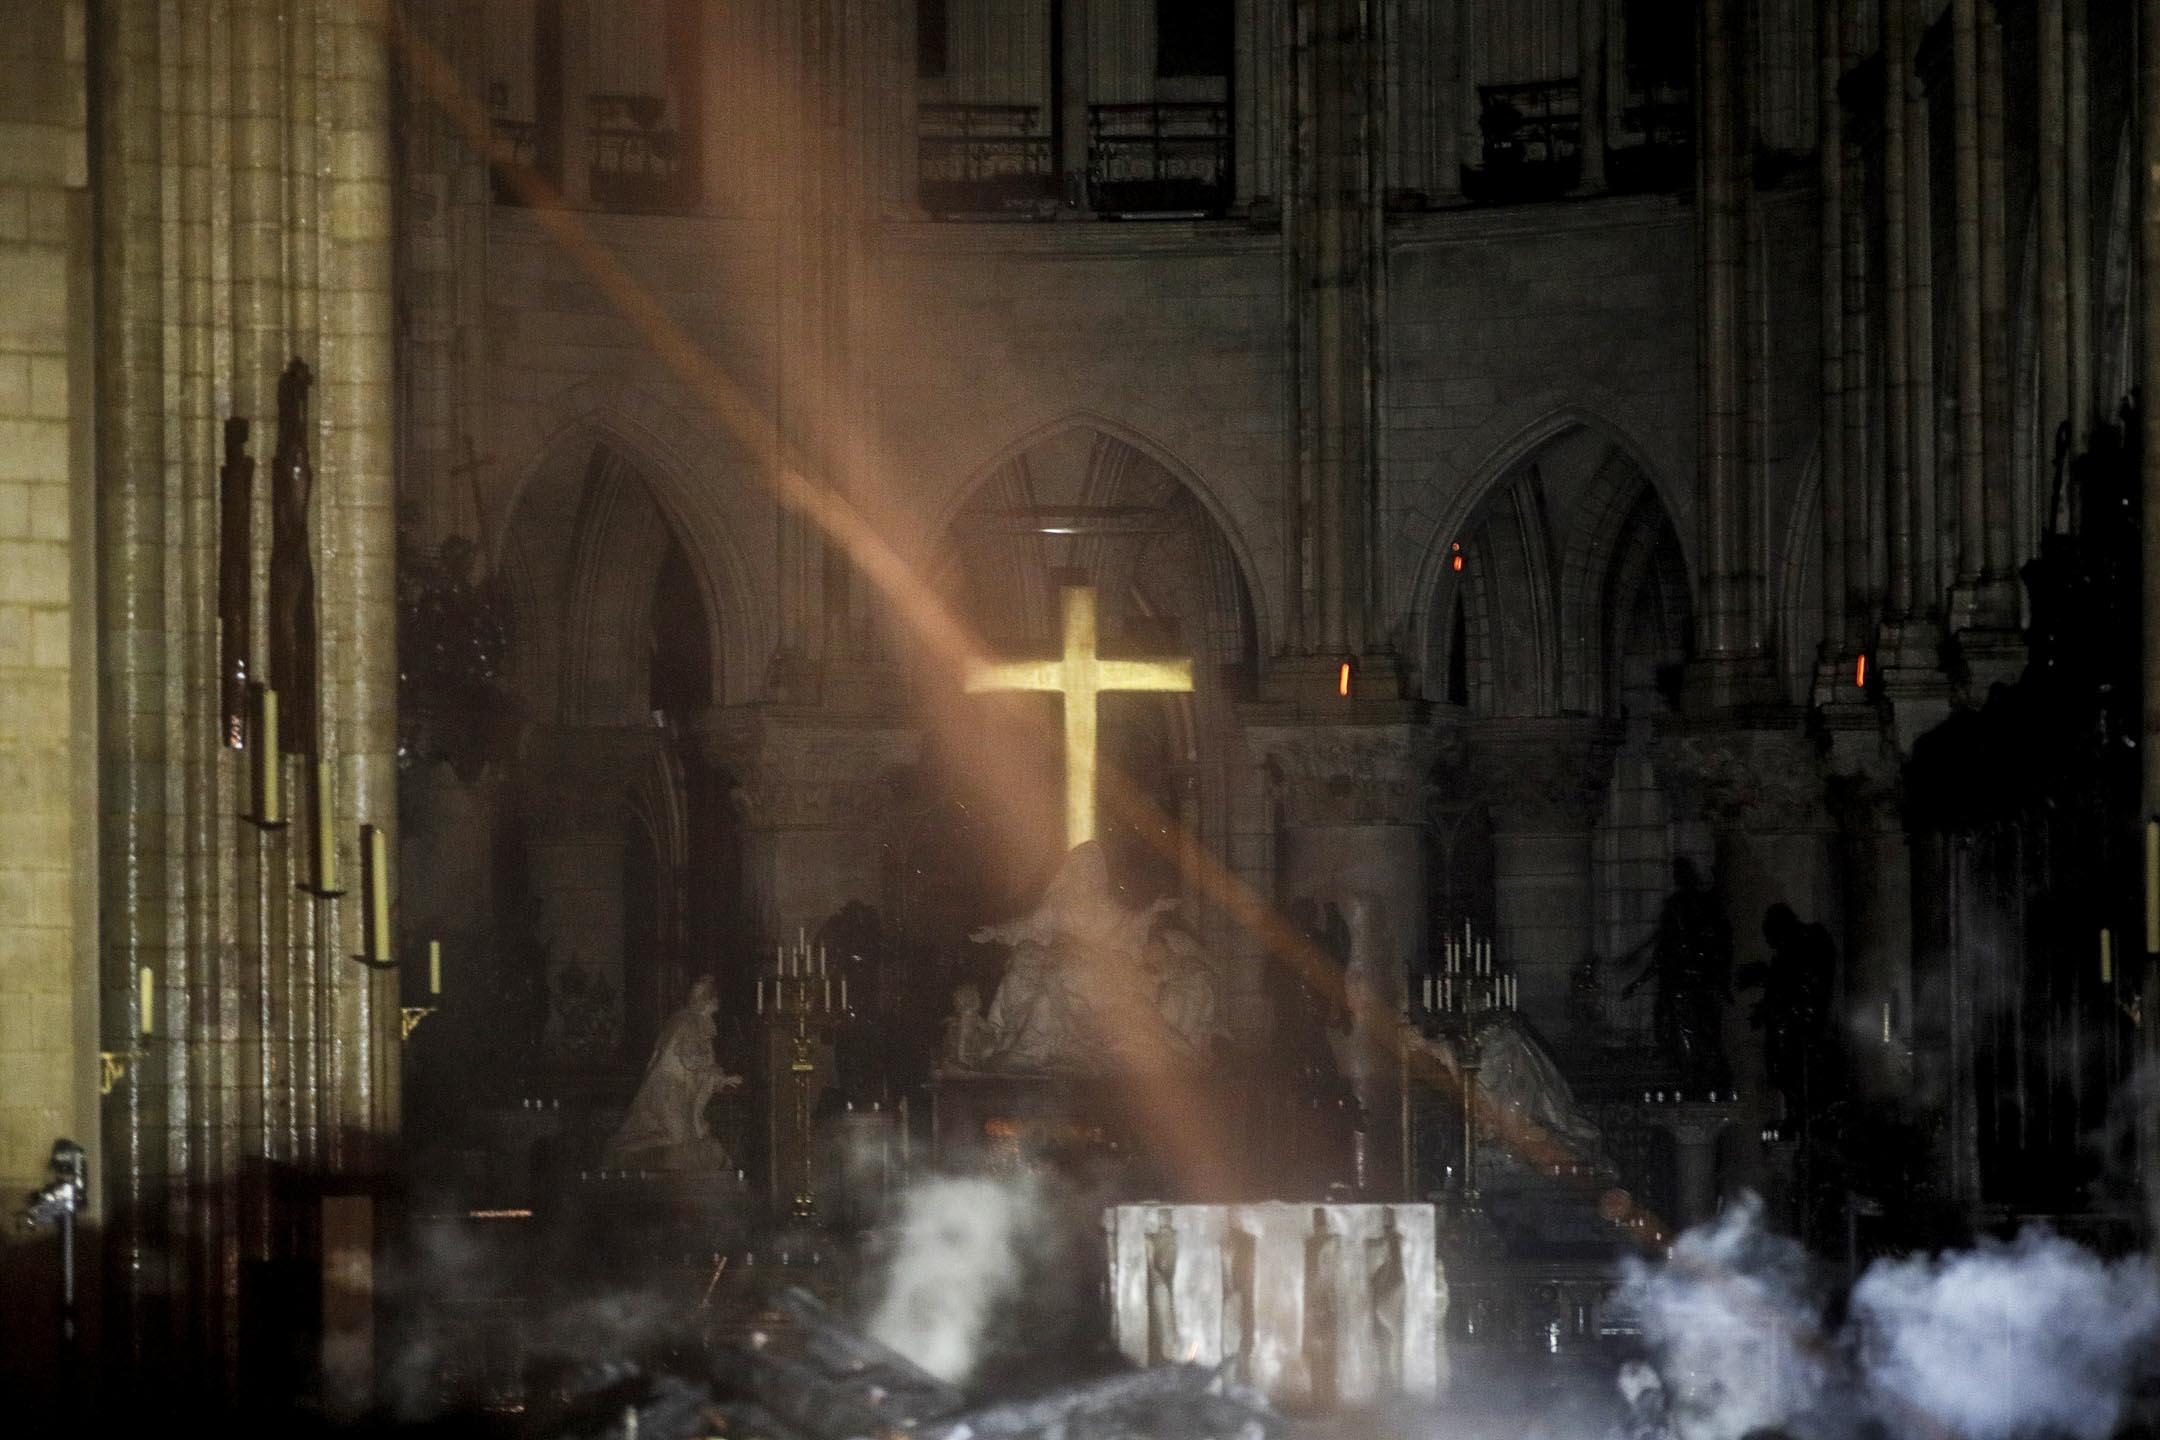 2019年4月16日,法國巴黎聖母院發生嚴重火災,煙在大教堂內的十字架前升起。 攝:Philippe Wojazer/AFP/Getty Images